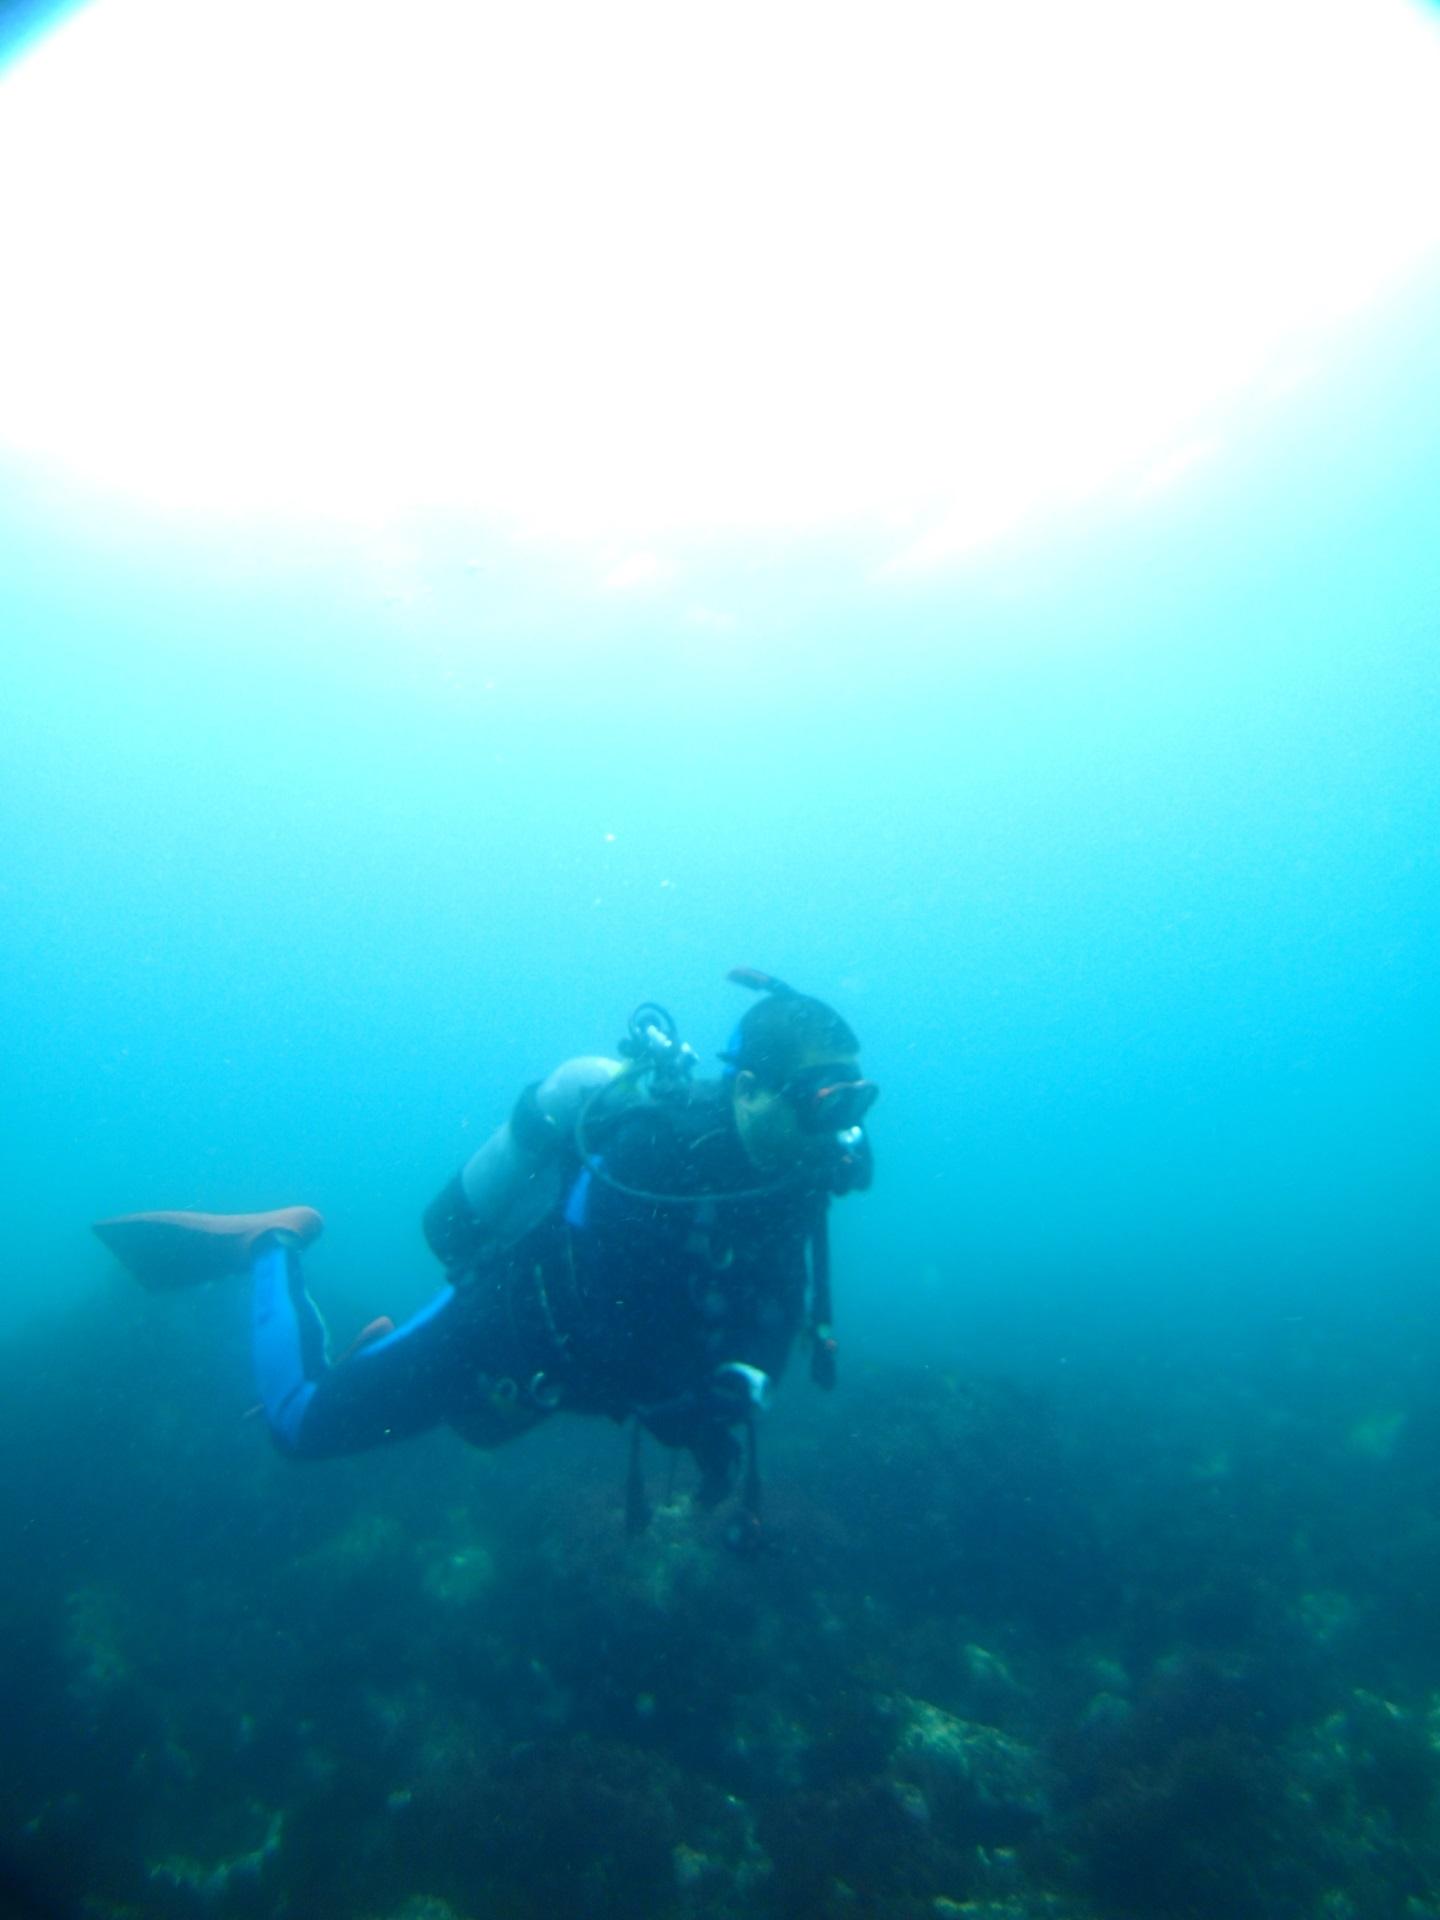 海洋公園アドバンス&ファンダイブツアー  静岡のスキューバダイビングショップフリースタイルです。